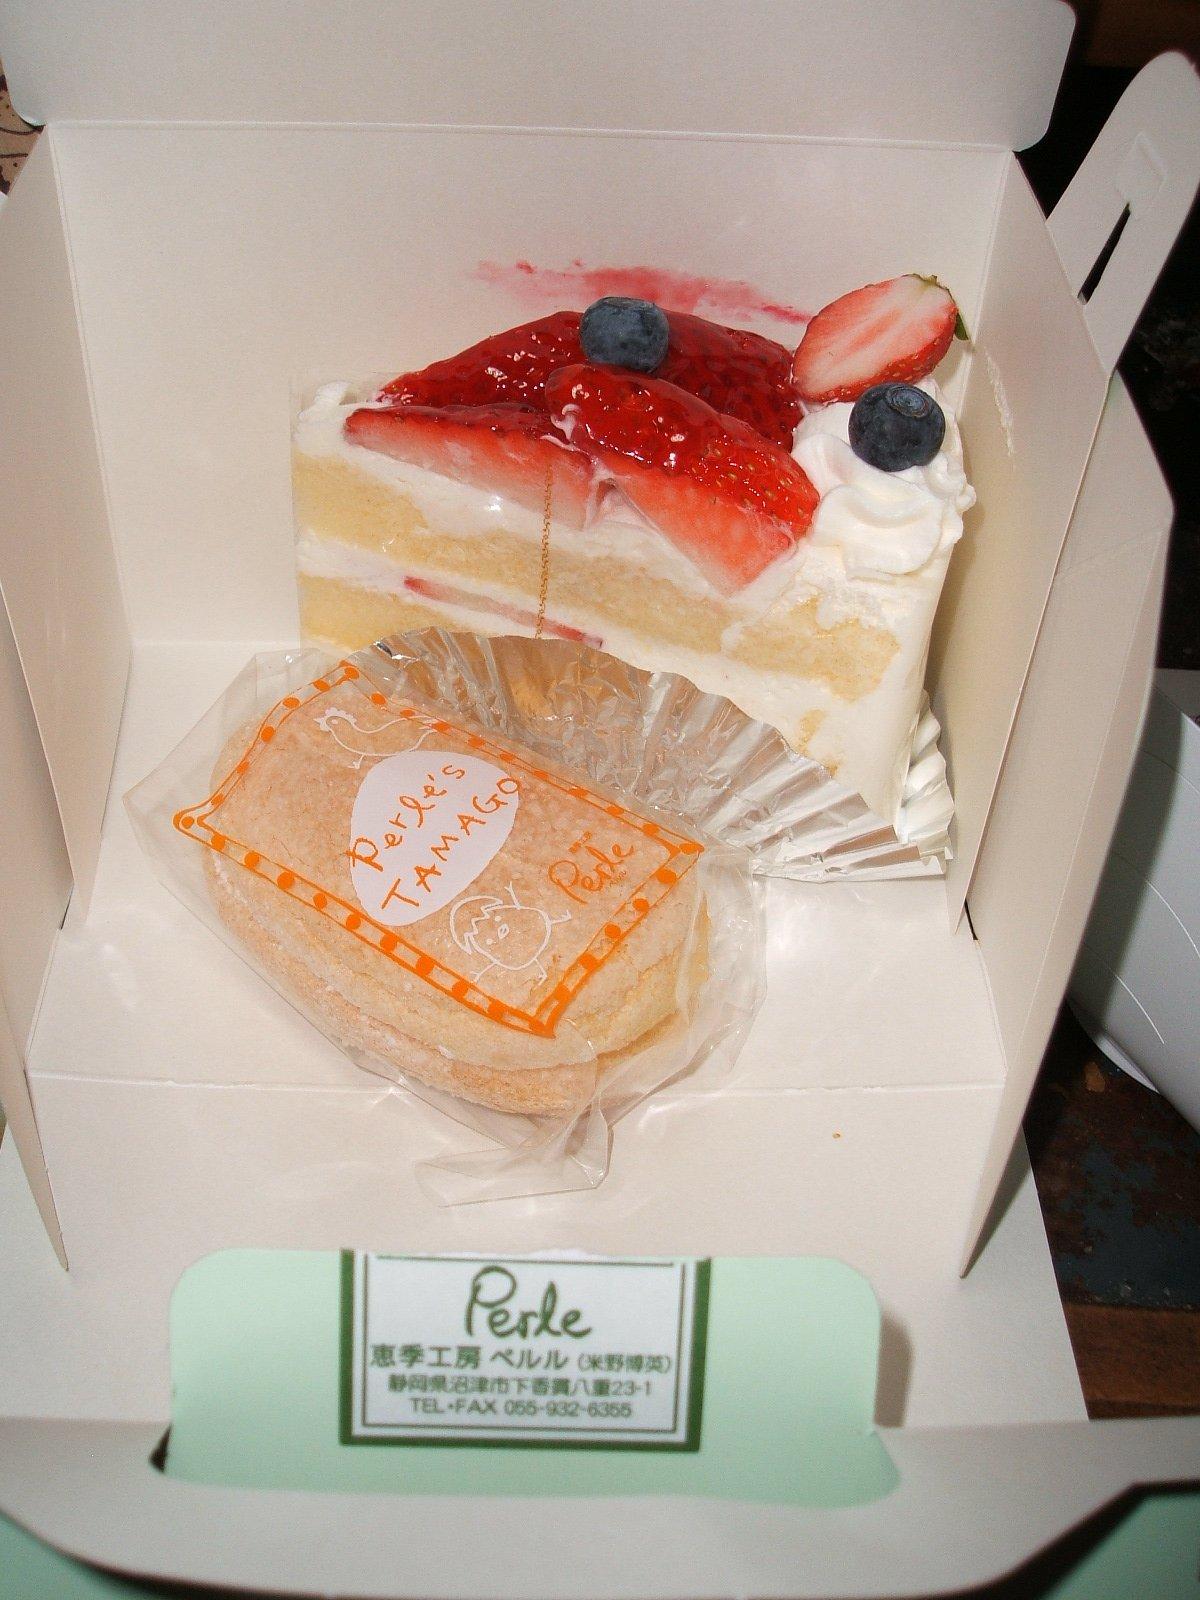 BAKE&CAKE Perle